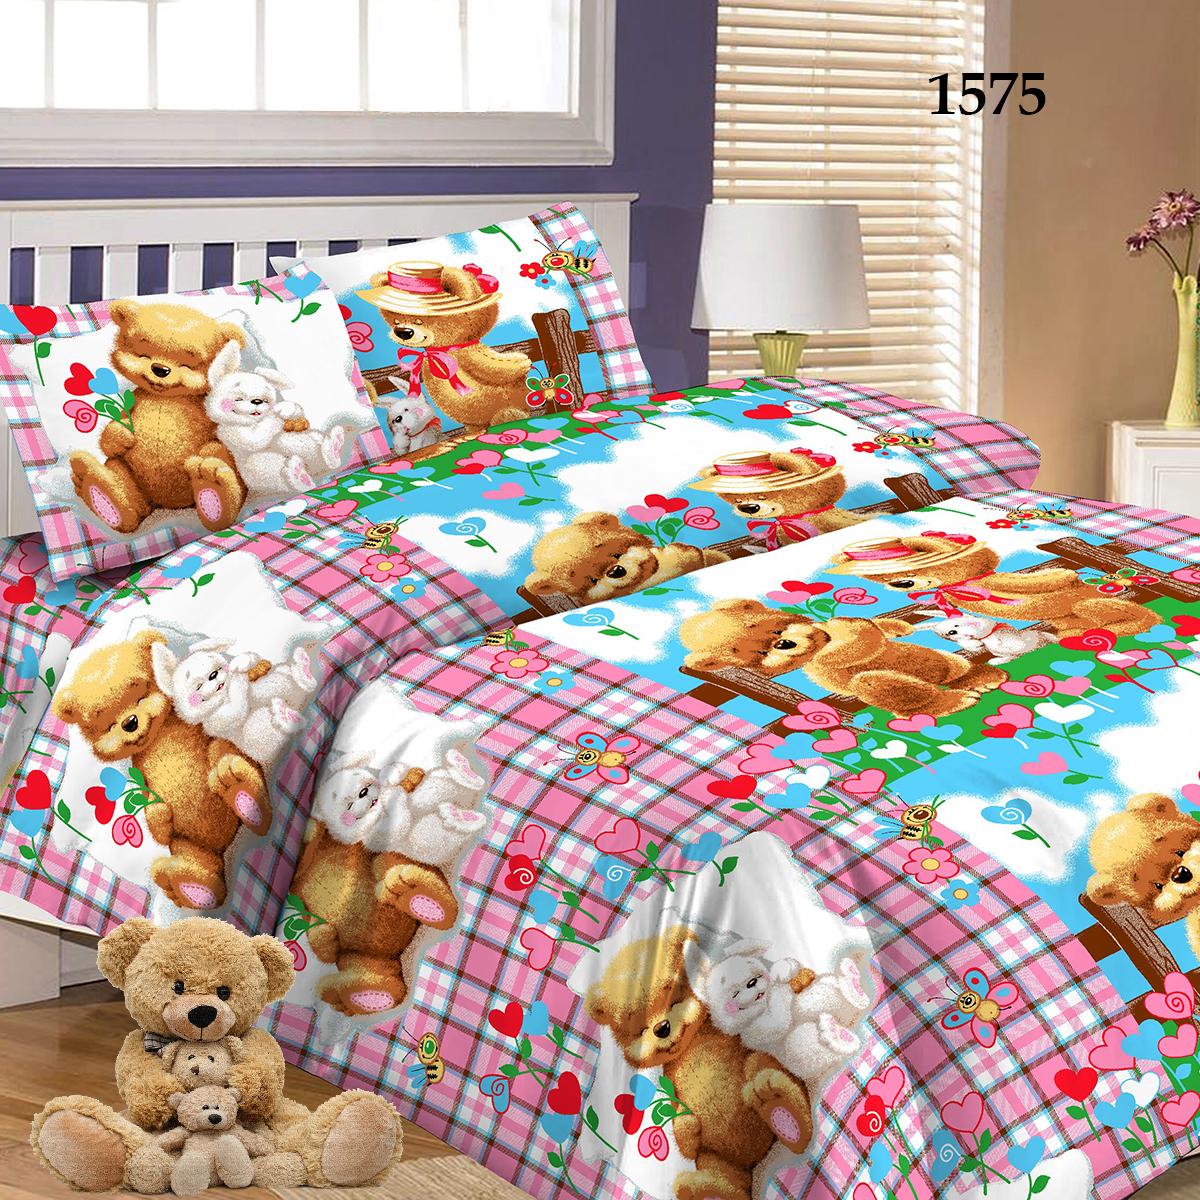 Комплект детского постельного белья Letto Home Textile Мишки и зайка, 1,5-спальный, наволочка 50x7096515412Детский комплект постельного белья Letto Home Textile Мишки и зайка состоит из наволочки, пододеяльника и простыни. Такой комплект идеально подойдет для кроватки вашего малыша и обеспечит ему здоровый сон. Он изготовлен из натурального 100% хлопка, дарящего малышу непревзойденную мягкость. Натуральный материал не раздражает даже самую нежную и чувствительную кожу ребенка, обеспечивая ему наибольший комфорт. Пододеяльник застегивается на молнию, наволочка - клапан.Приобретая комплект постельного белья Letto Home Textile Мишки и зайка, вы можете быть уверенны в том, что ваш кроха будет спать здоровым и крепким сном.